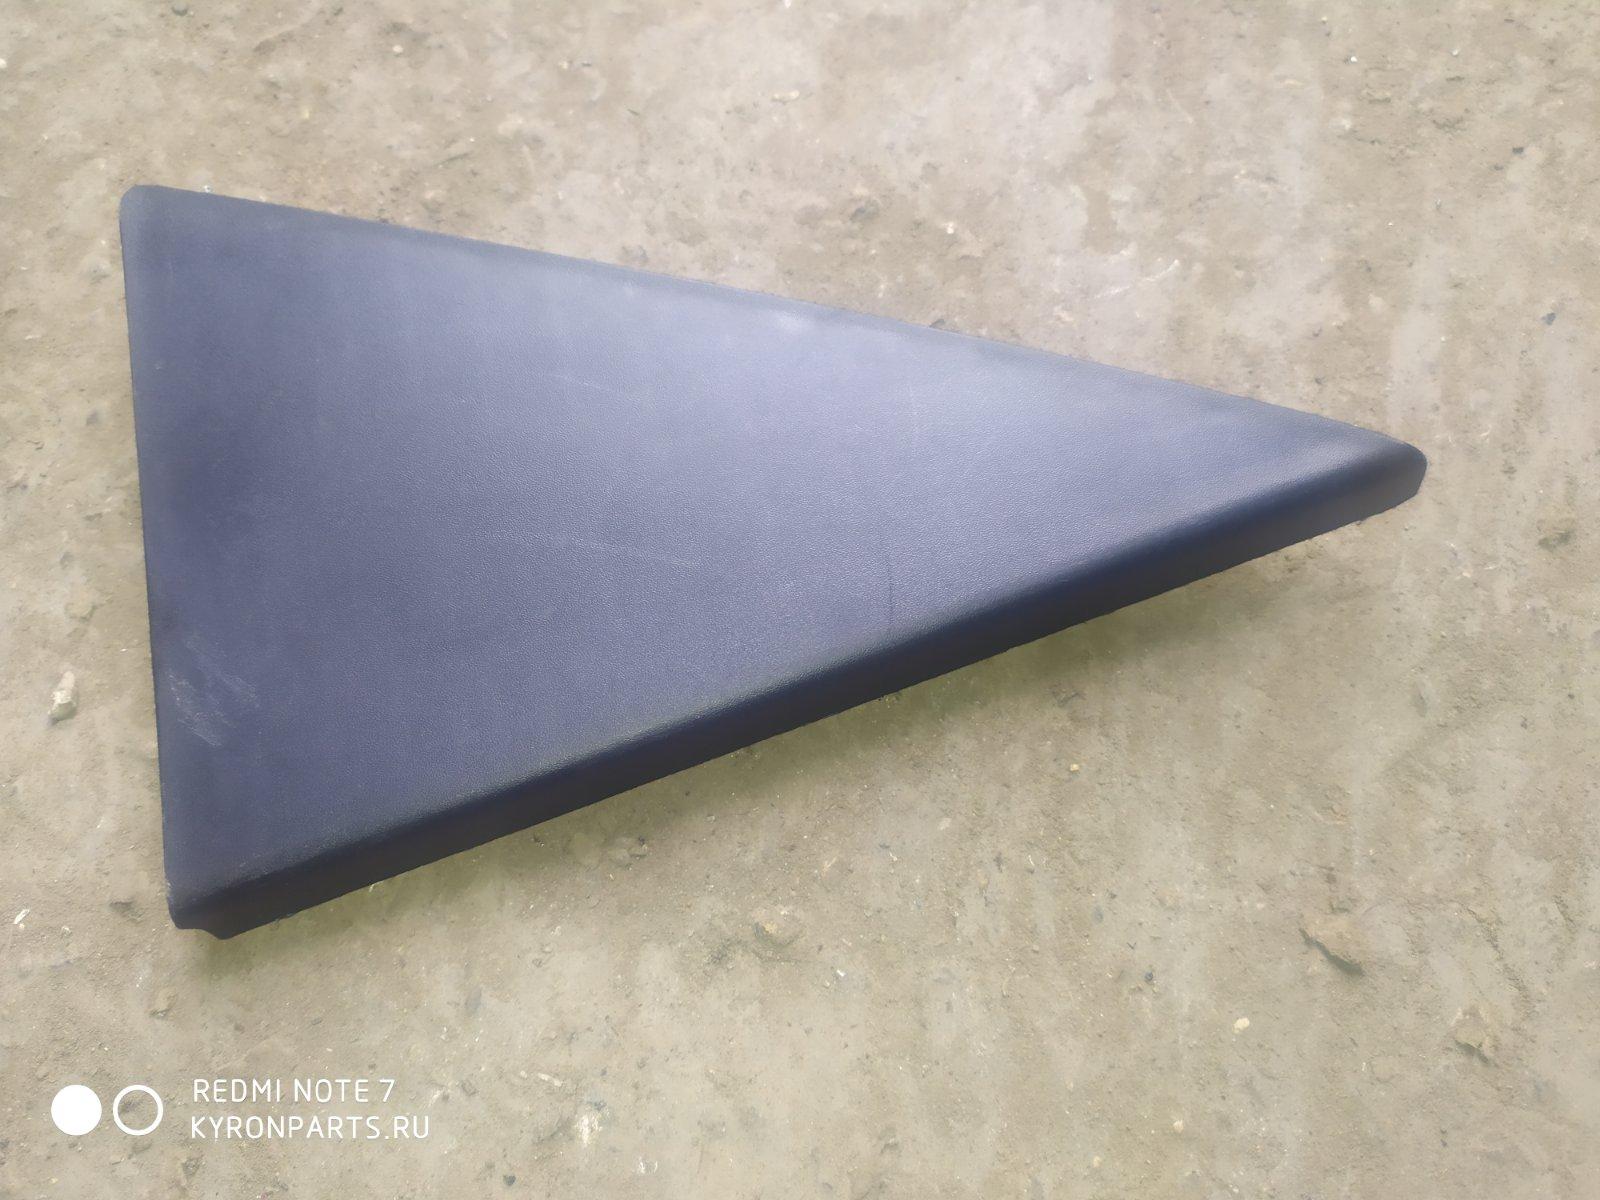 Накладка двери задняя левая Ssangyong Actyon >2013 С200 7320534030 Б/У